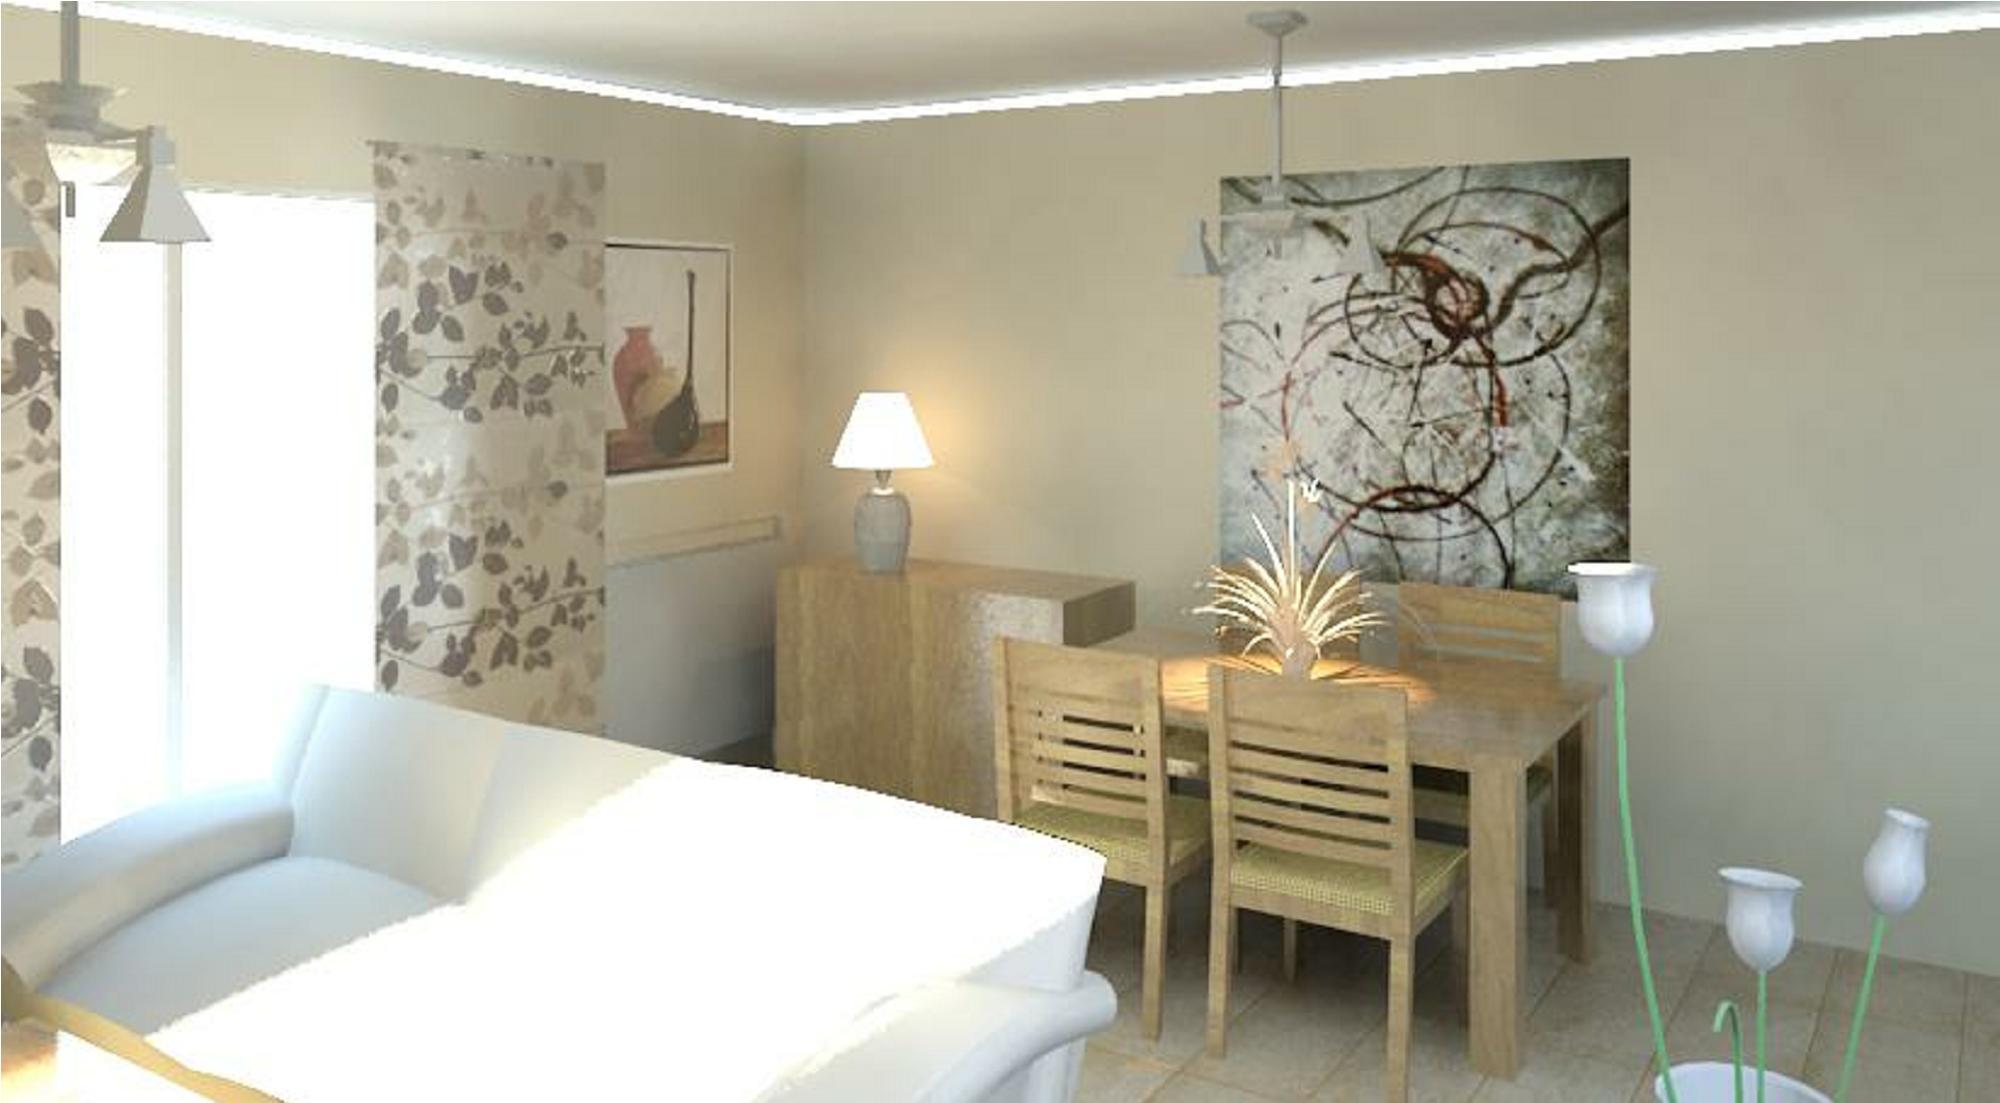 Proyecto vivienda unifamiliar mobel madrid online - Disenador de interiores madrid ...